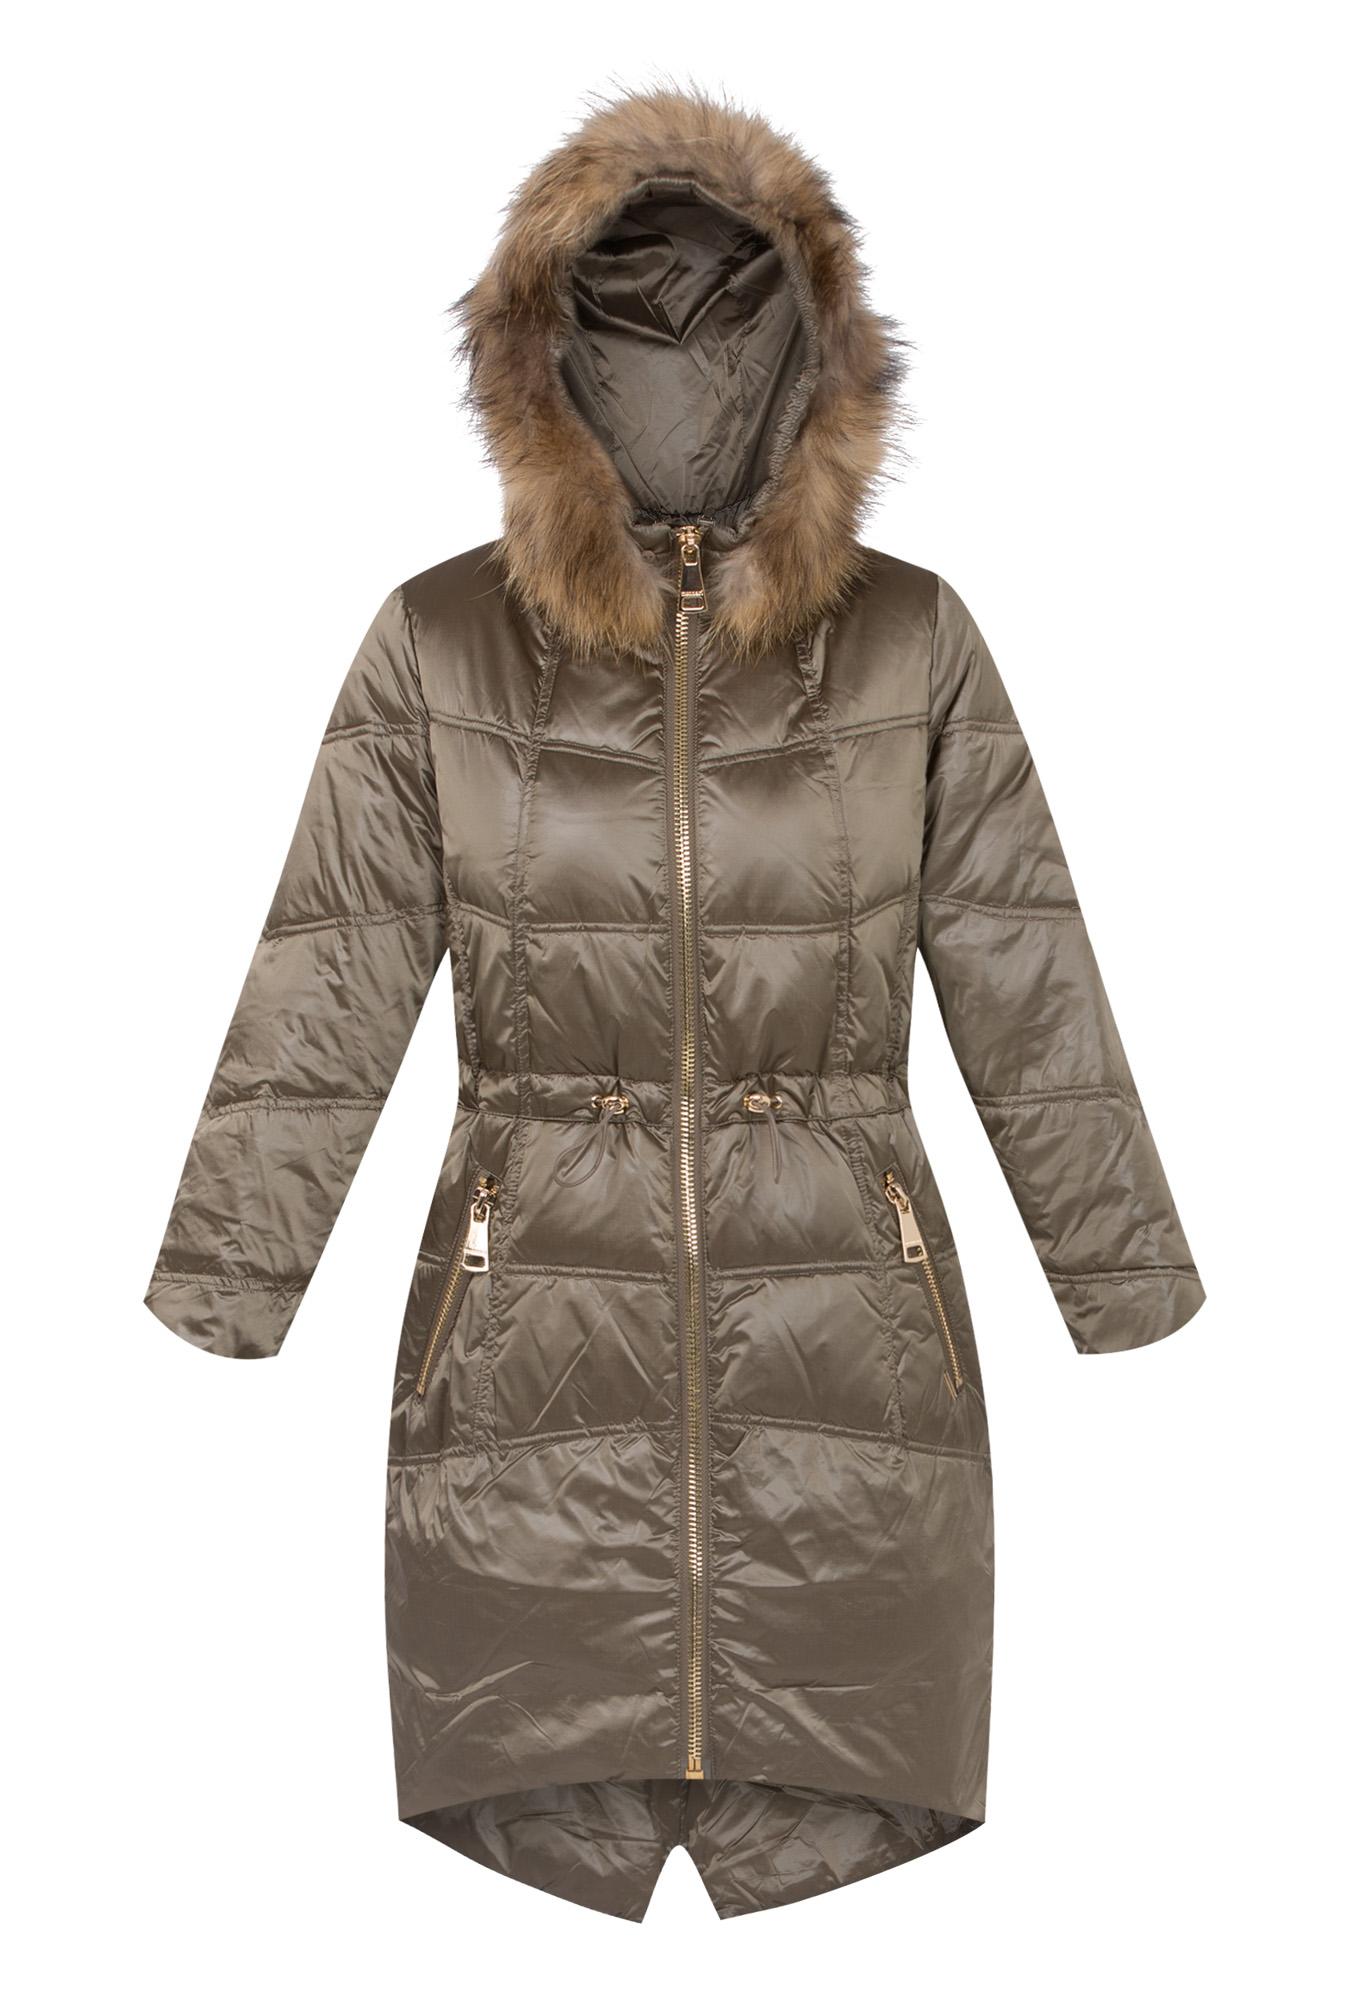 b5e5942532ded Pikowany płaszcz PUCHOWY MONNARI FUTRO JENOT NOWY - 7148812177 ...